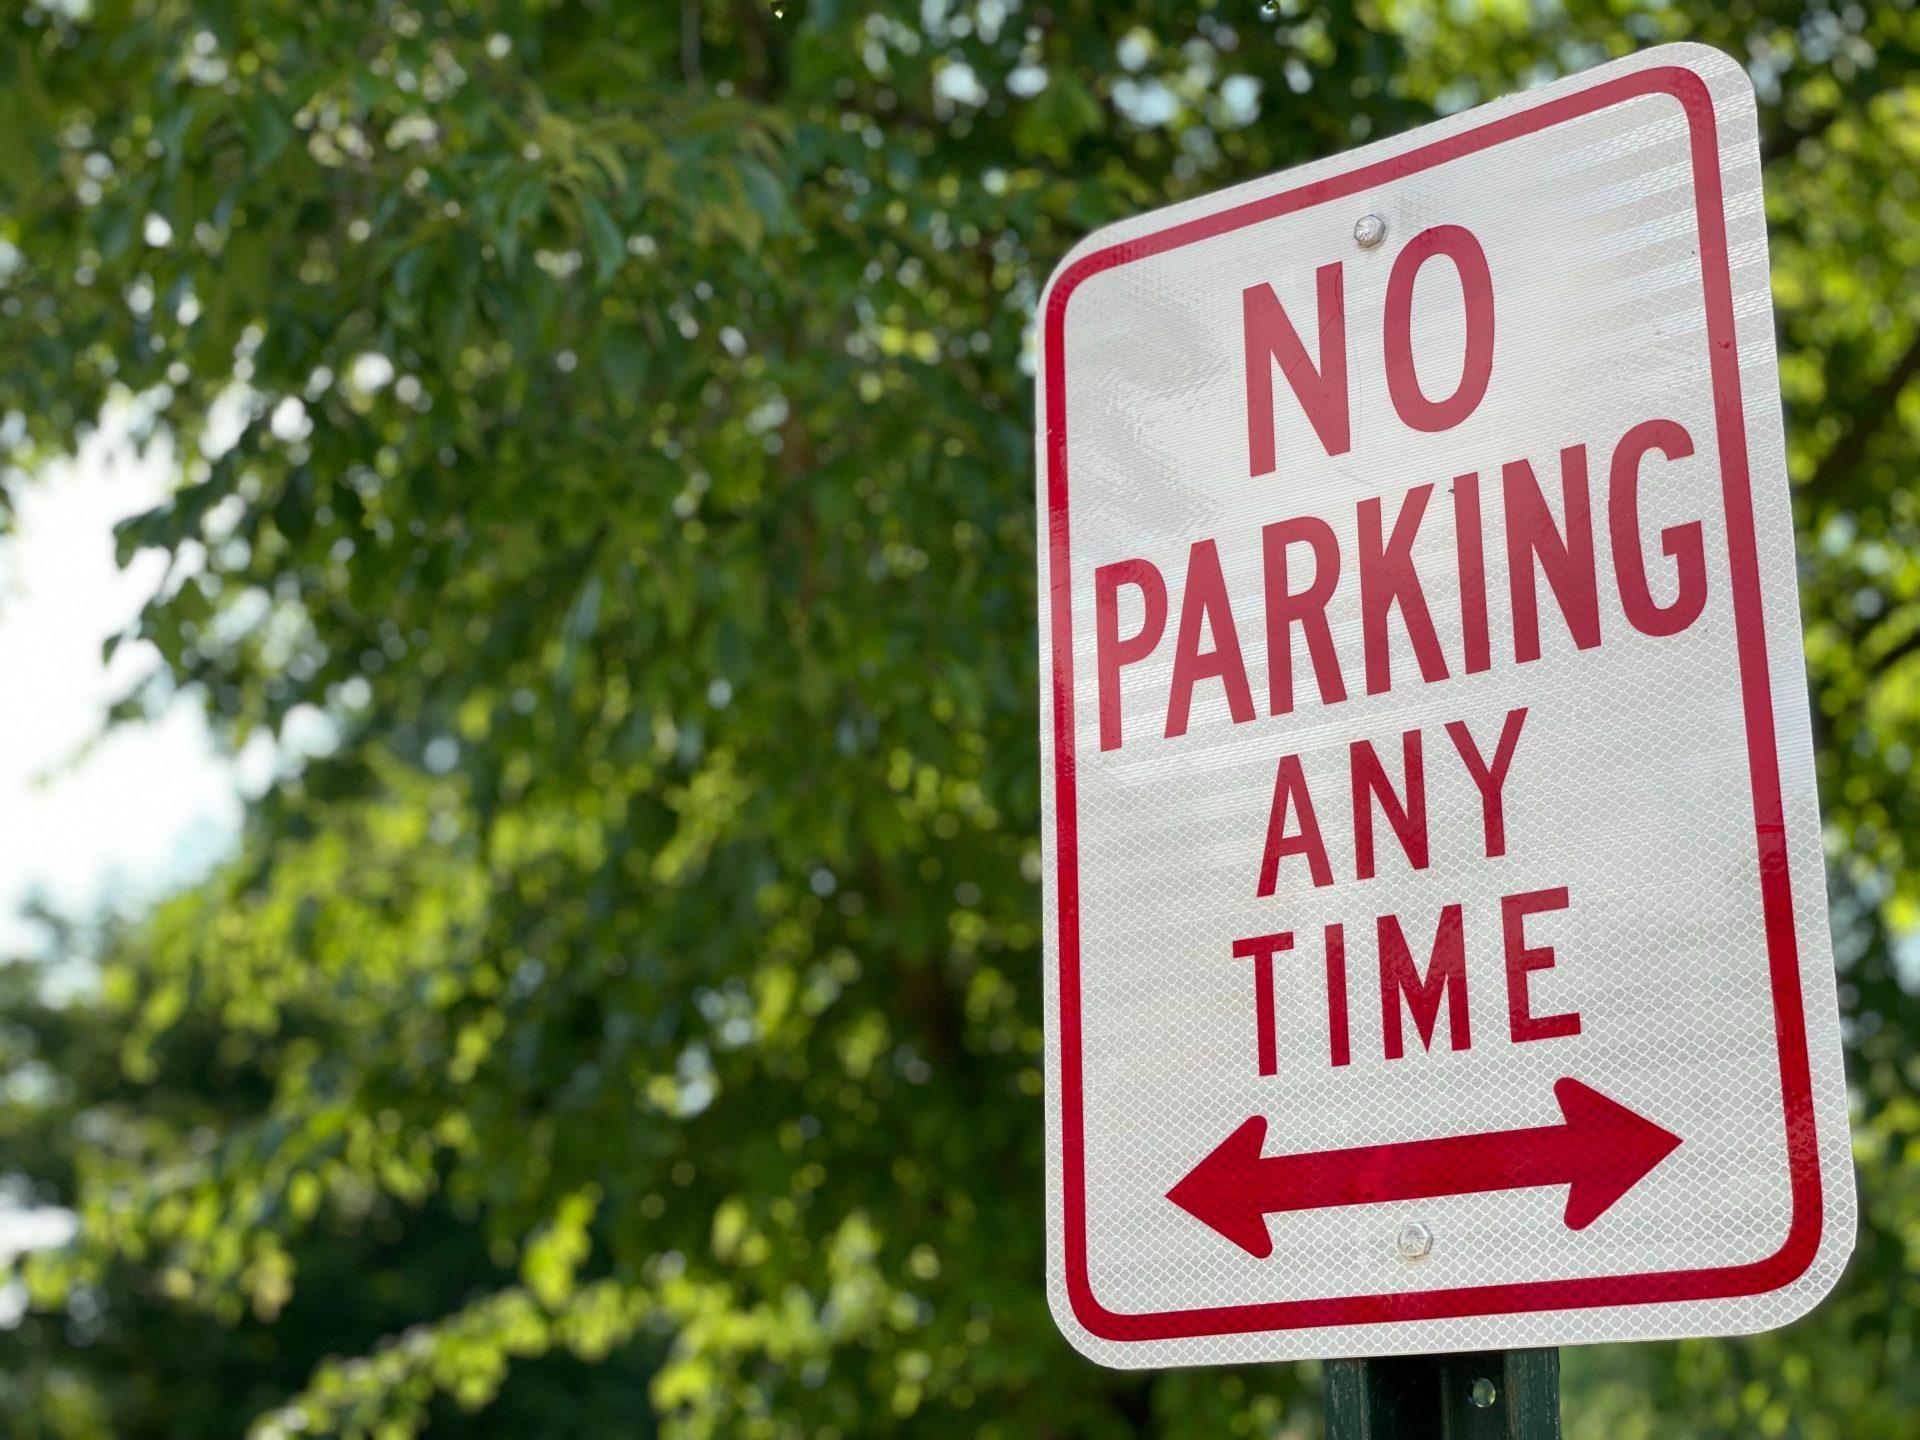 【アメリカ道路標識】駐車に関するルール No Parking / No Stopping / No Standing の違い